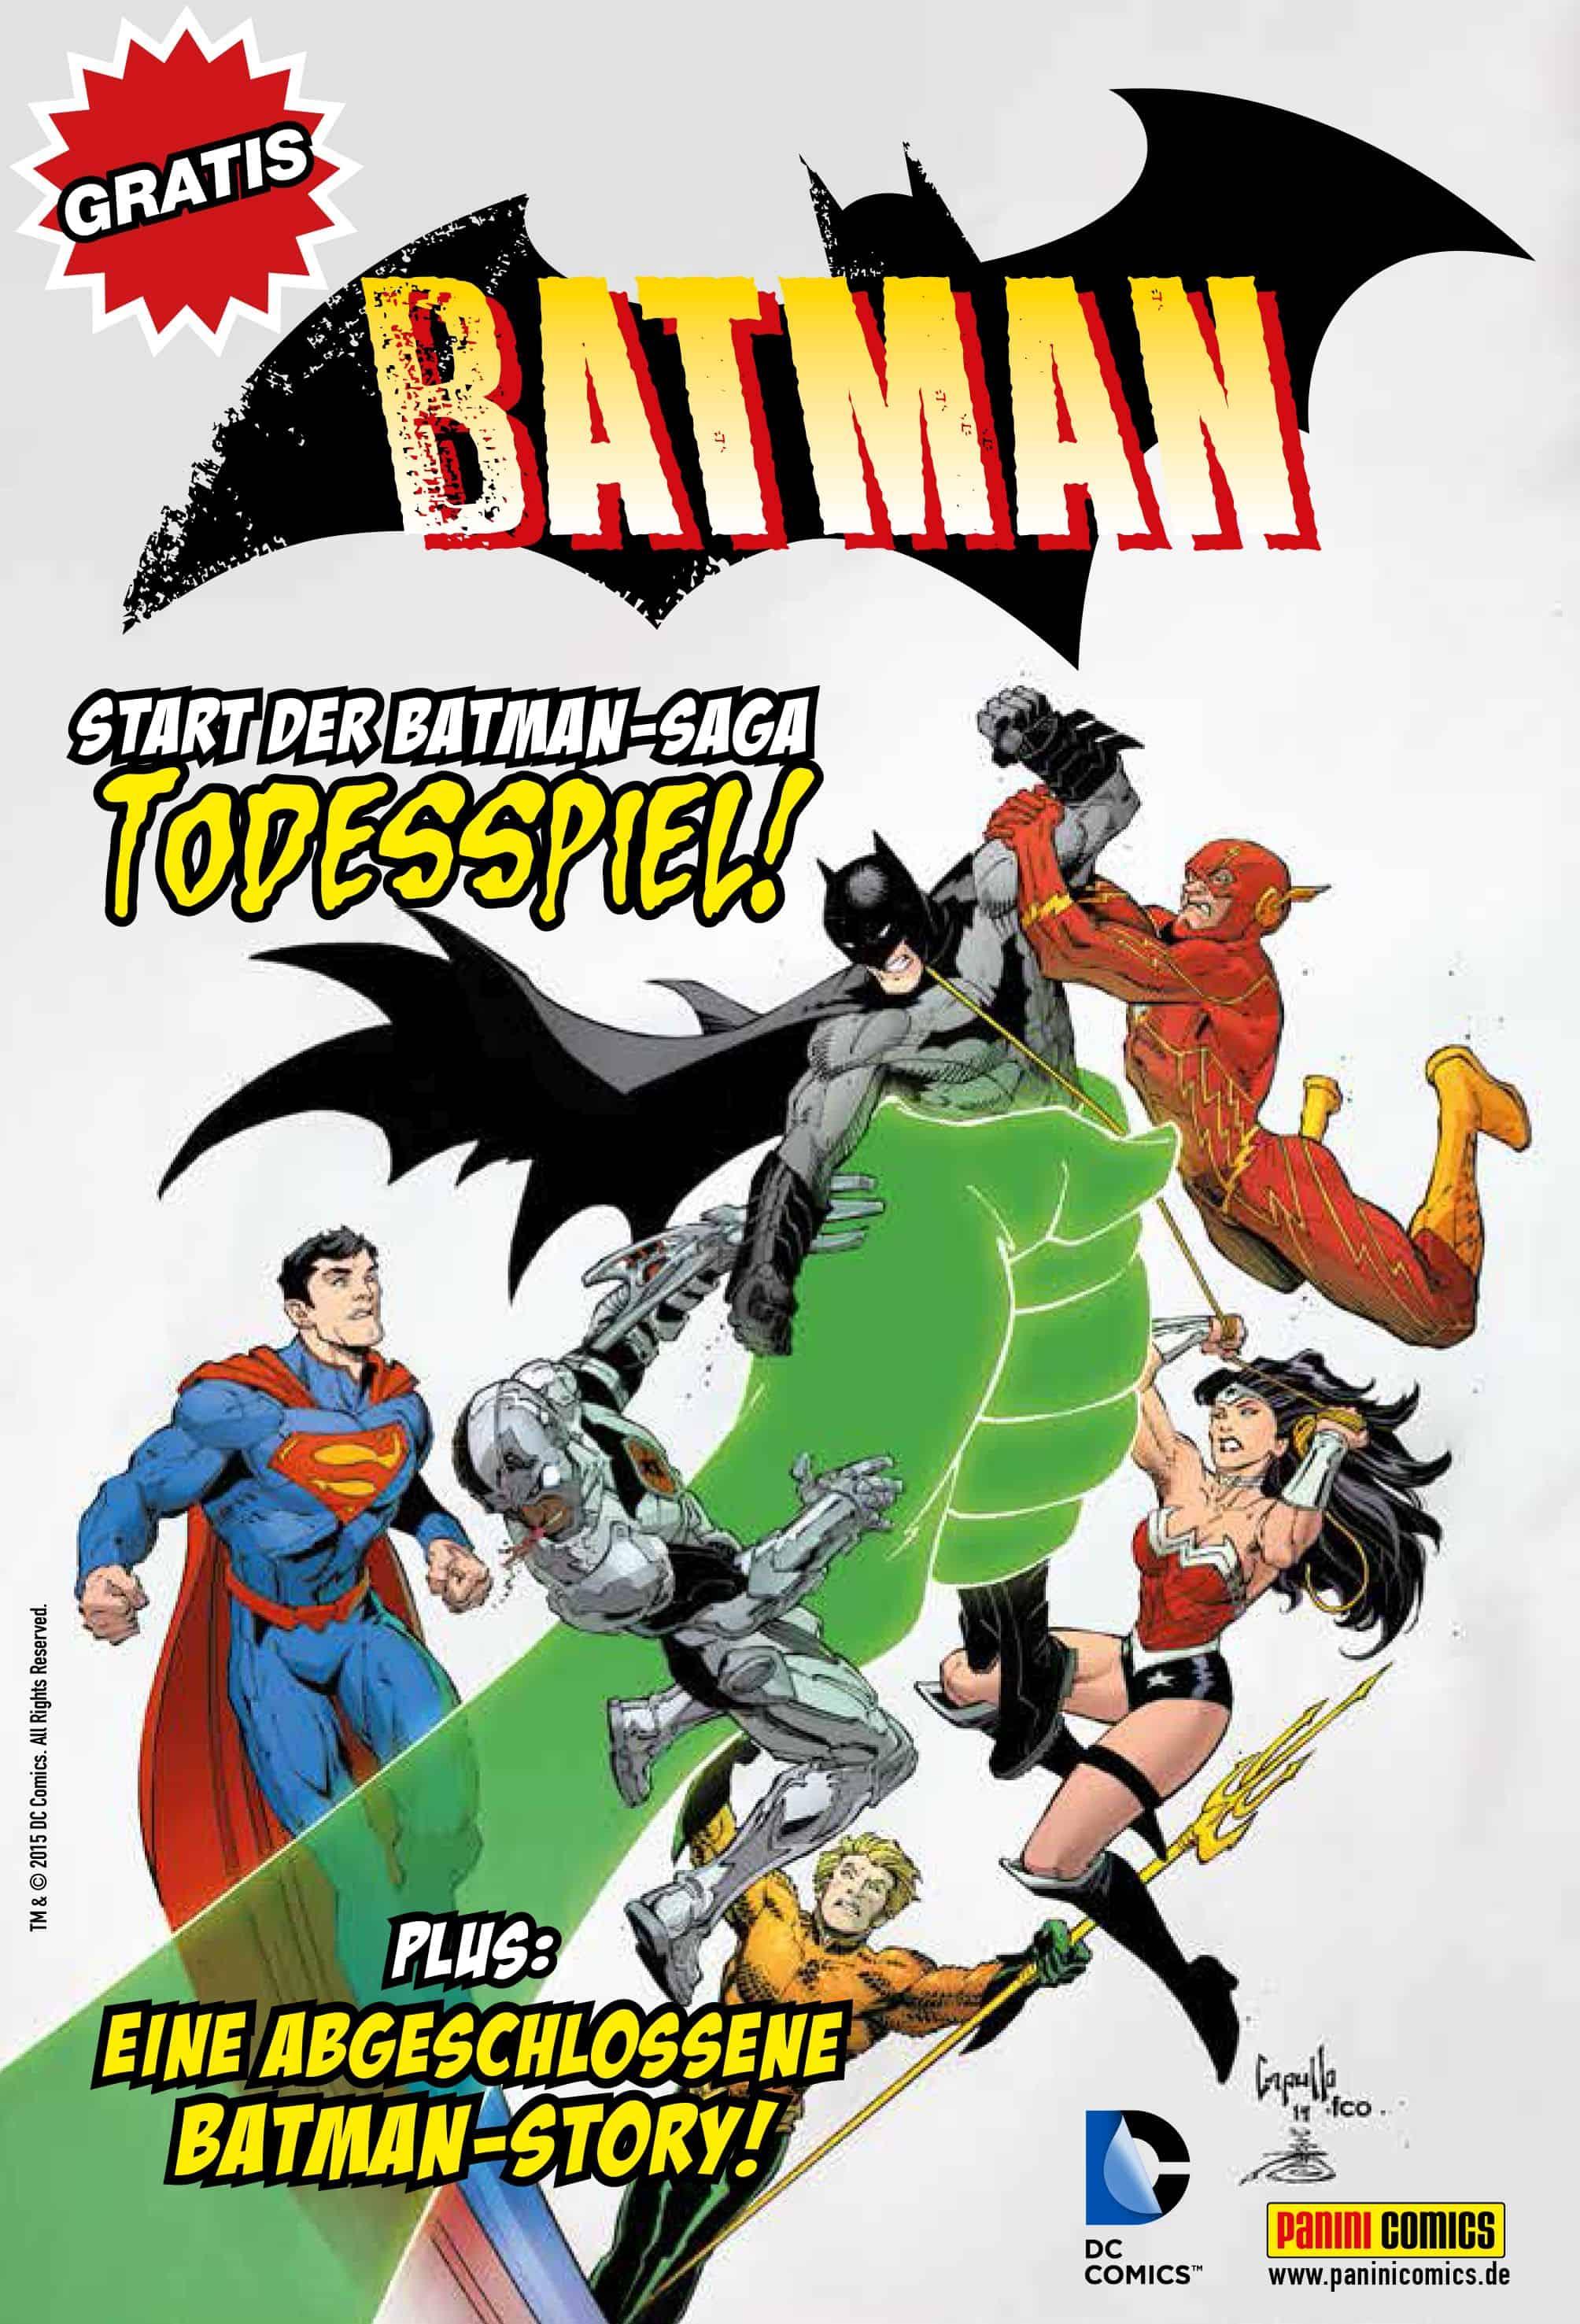 Panini_Int-Batman-Tag_GratisComic_Cover